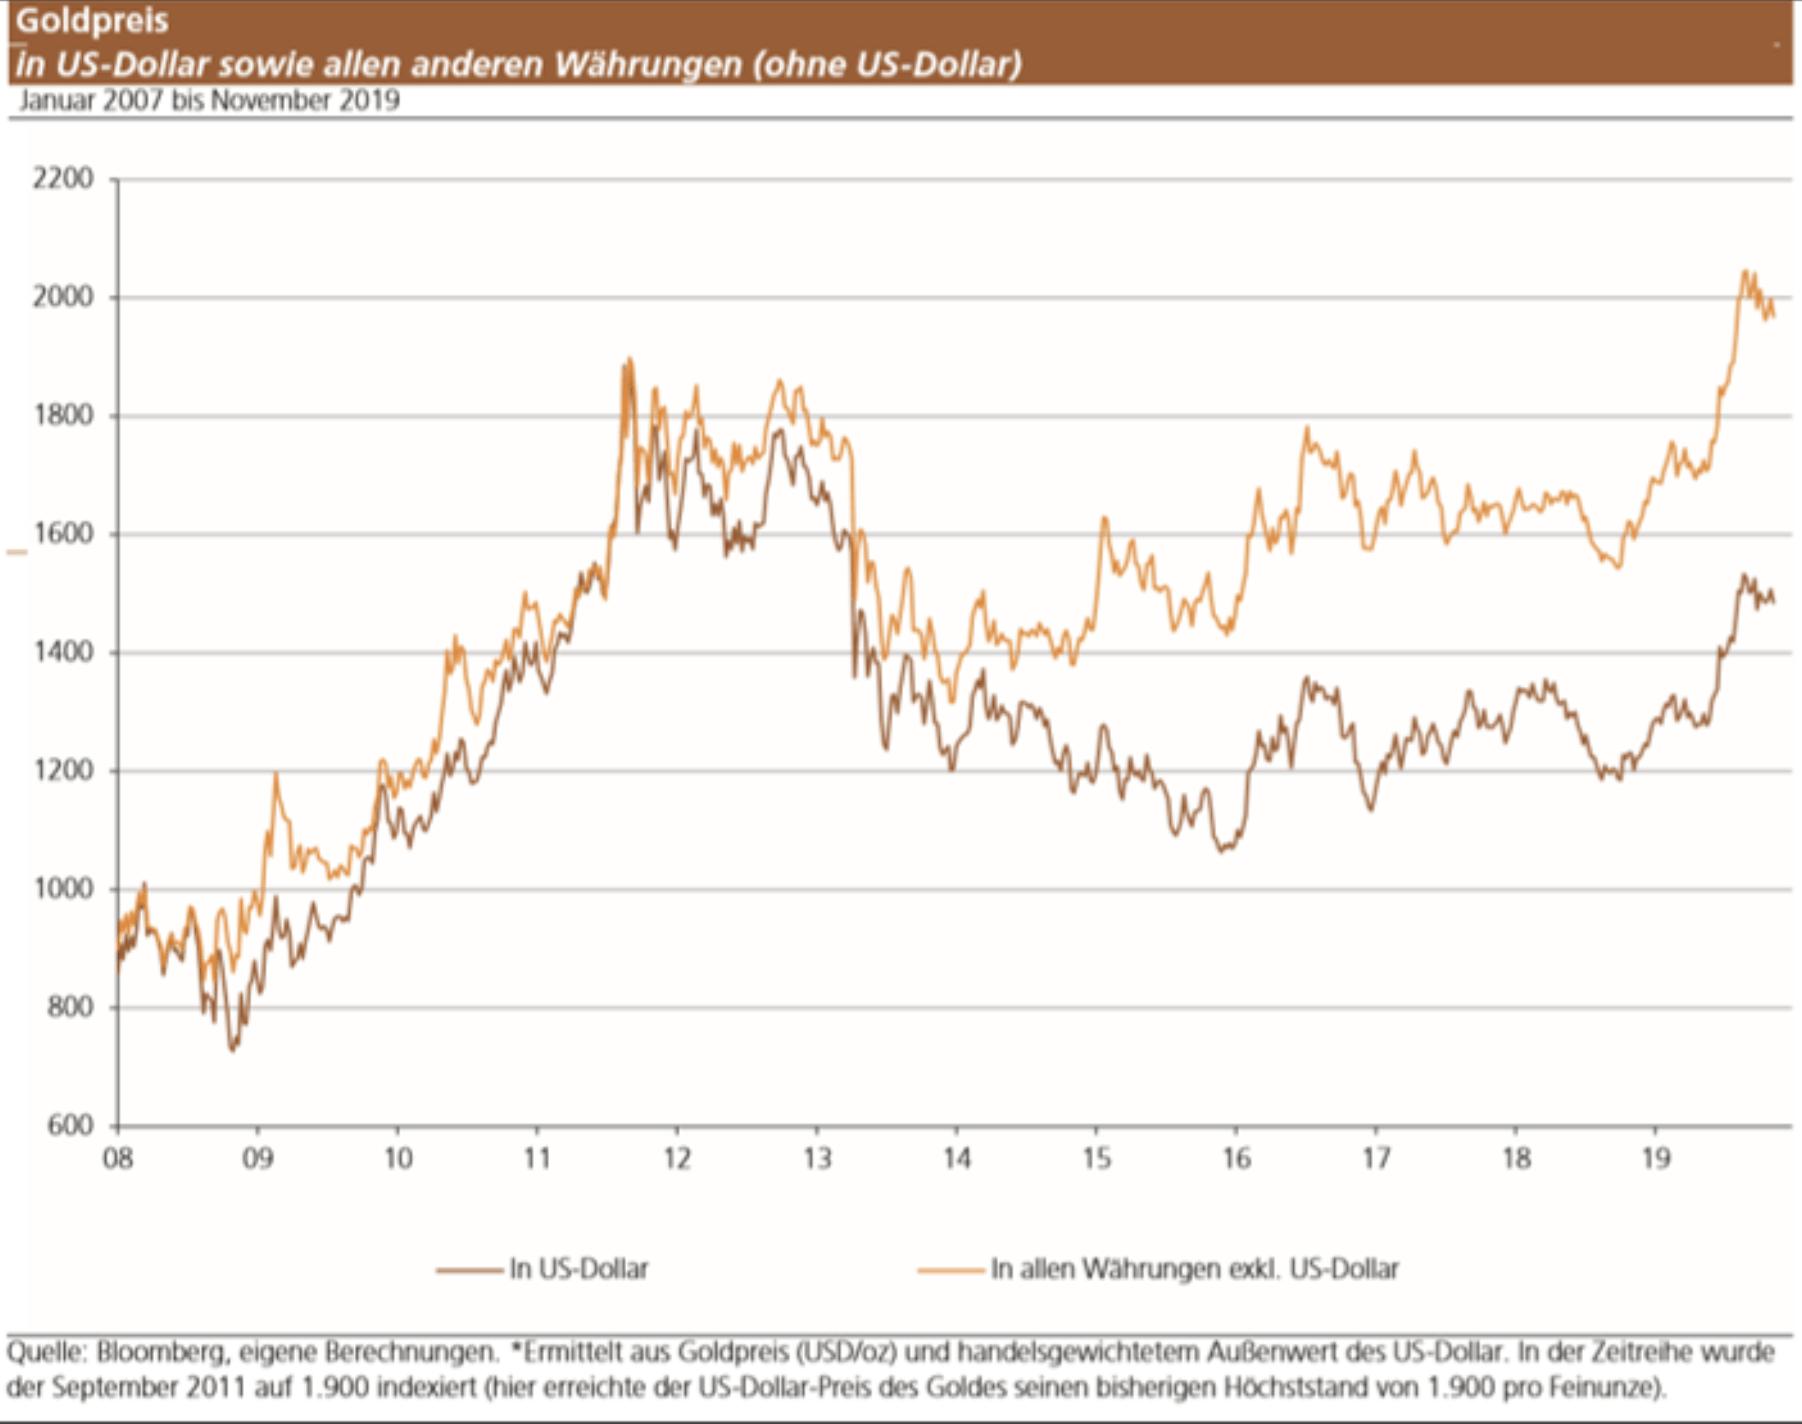 Goldpreis verschiedene Währungen